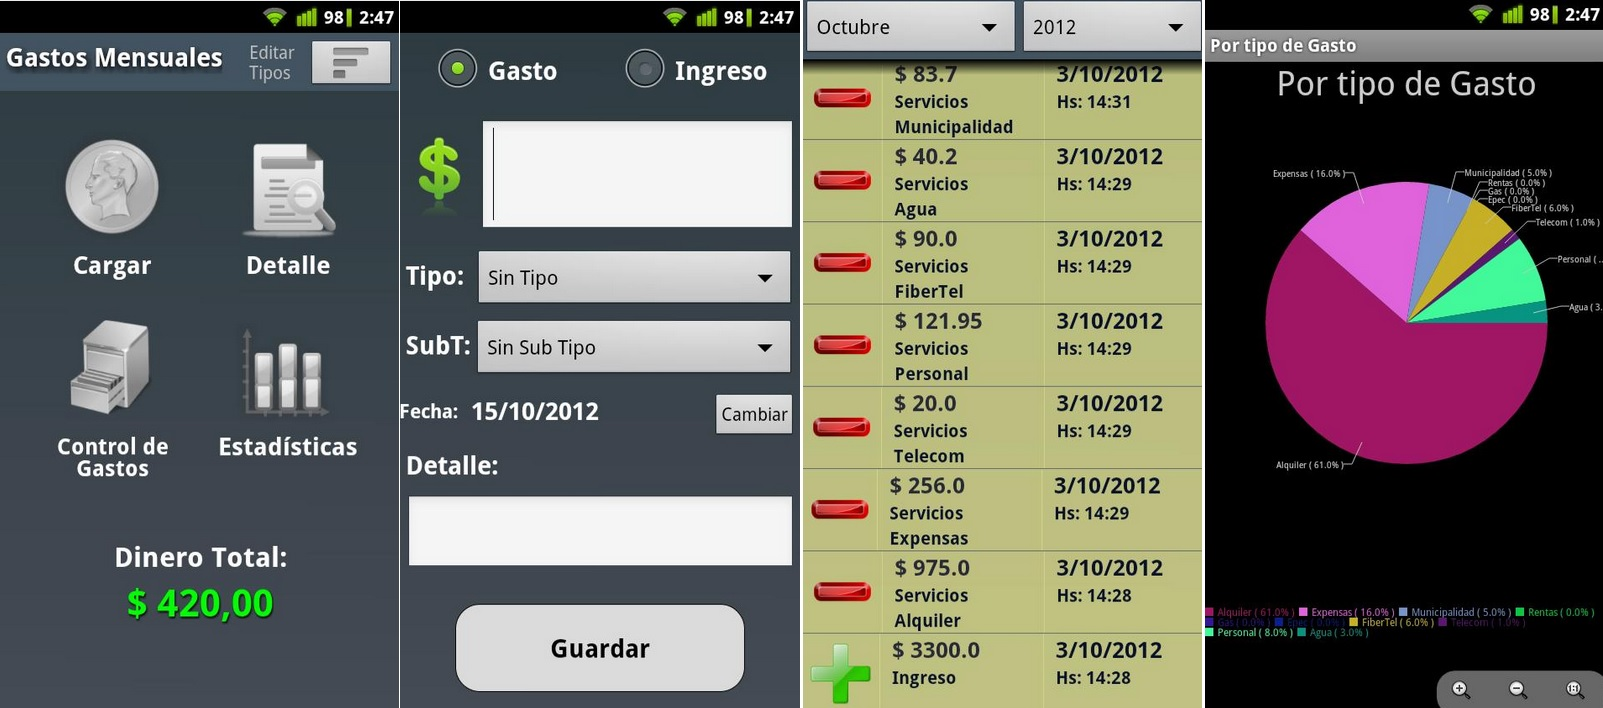 Controle sus gastos de forma intuitiva, gratis para Android